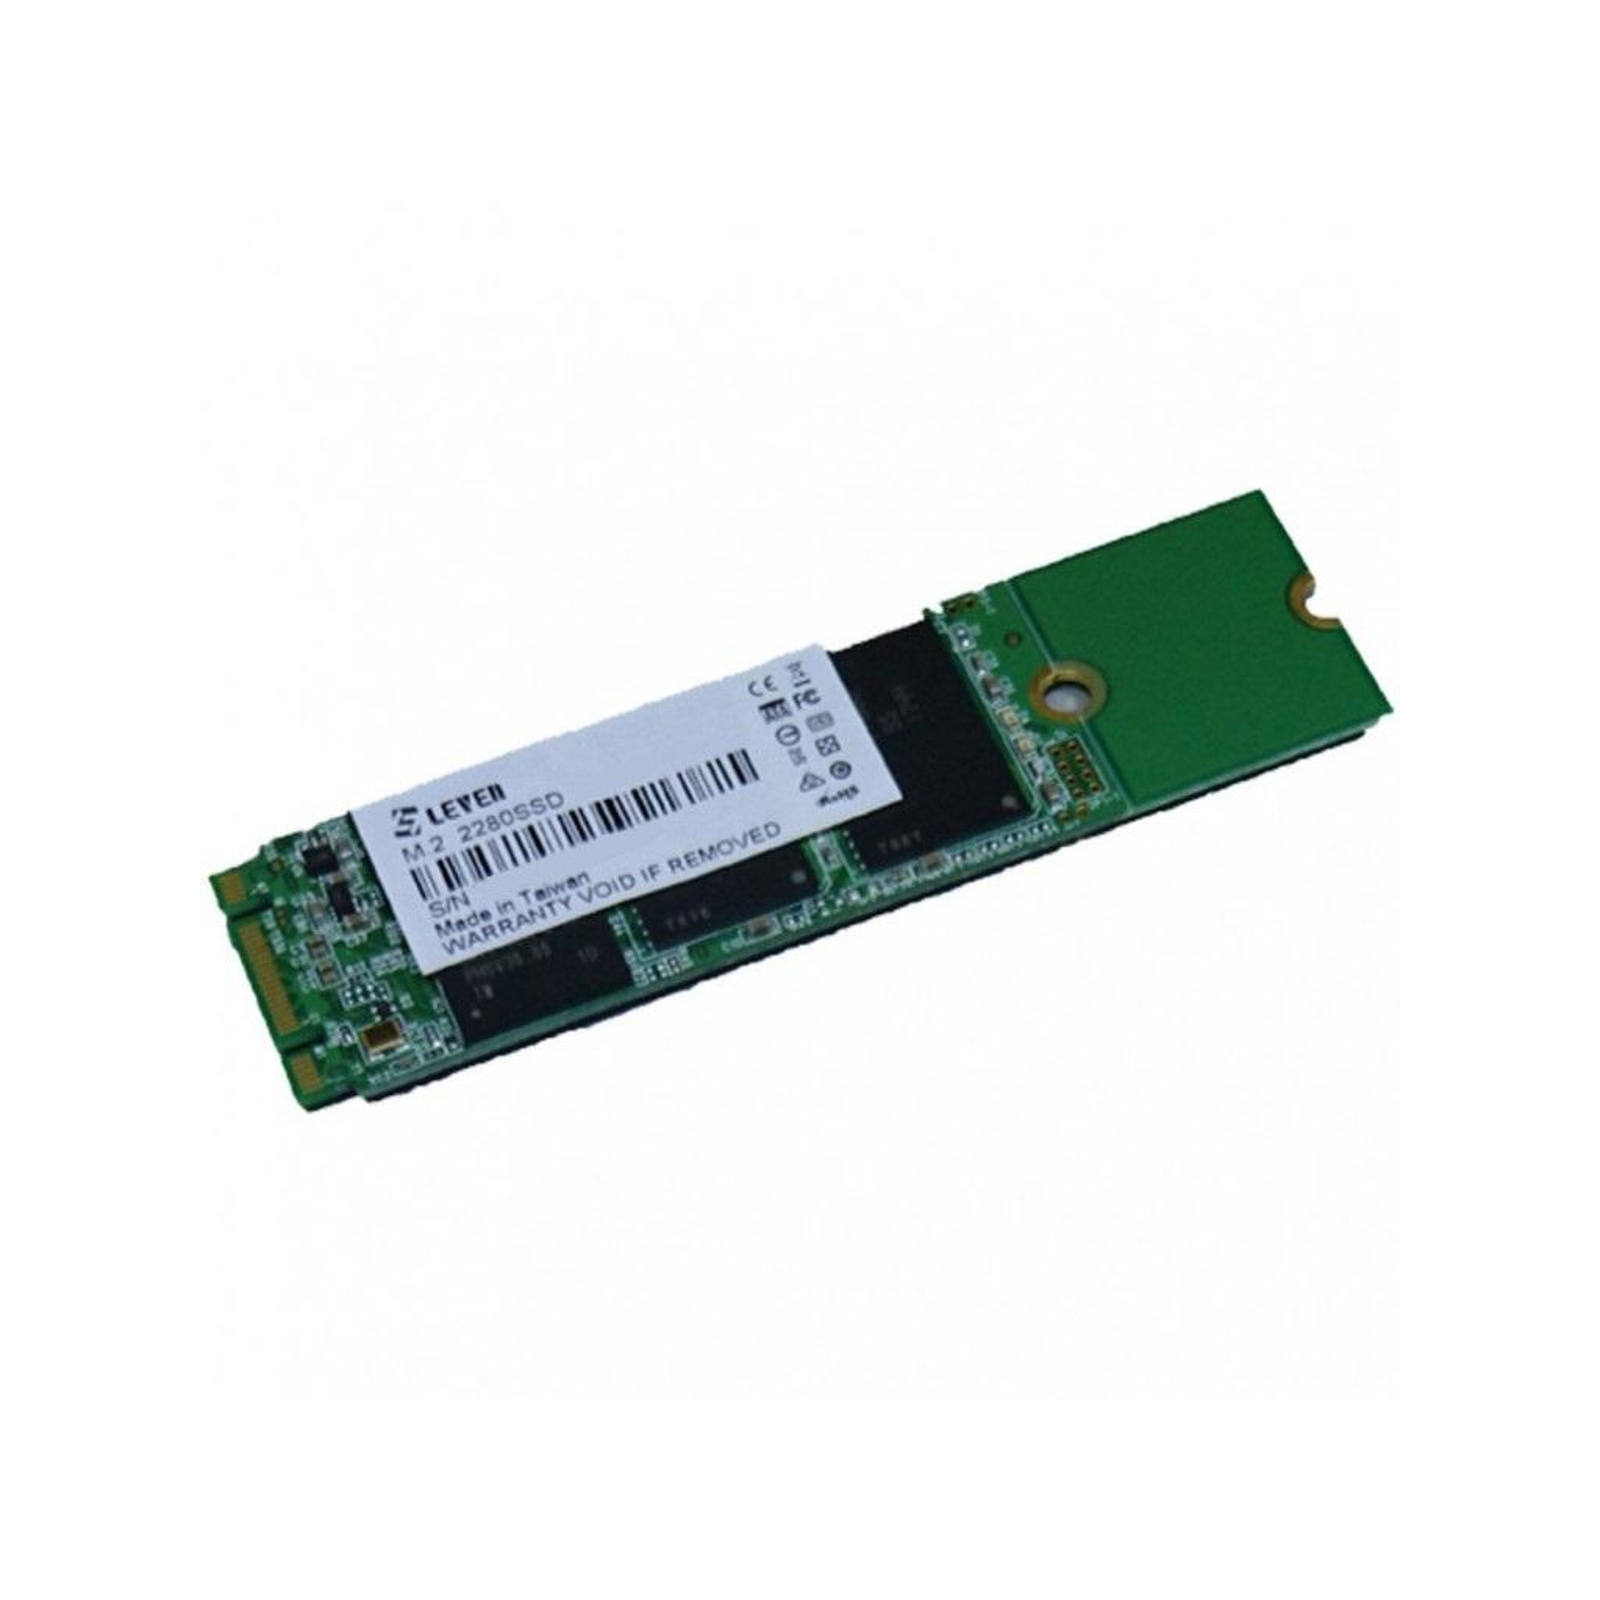 Накопитель SSD M.2 2280 240GB LEVEN (JM300M2-2280240GB)